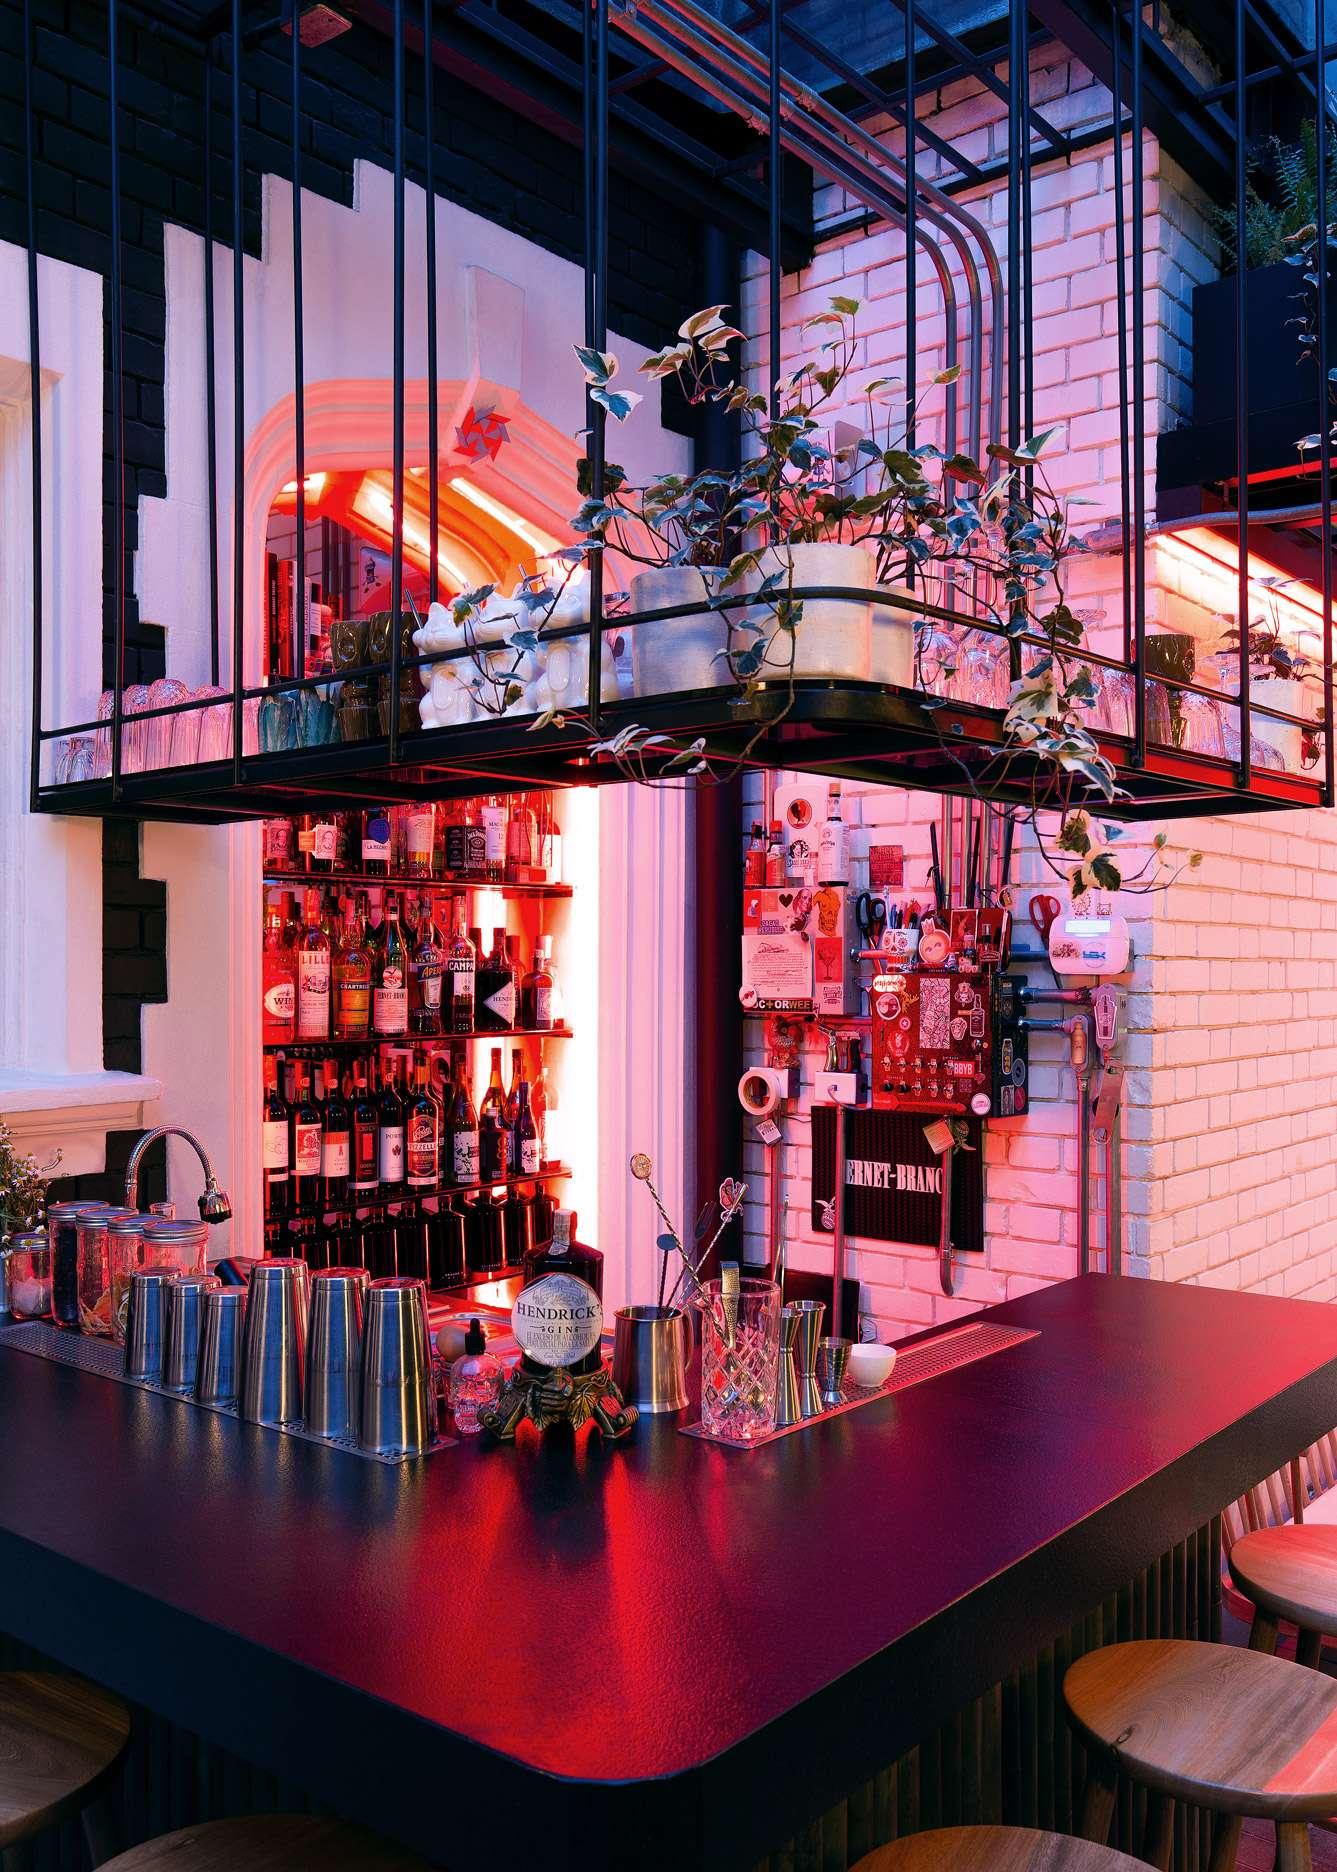 02.elchino.colette.duque.arquitectura.simon.bosch.bogota.dimsum.interior.restaurant